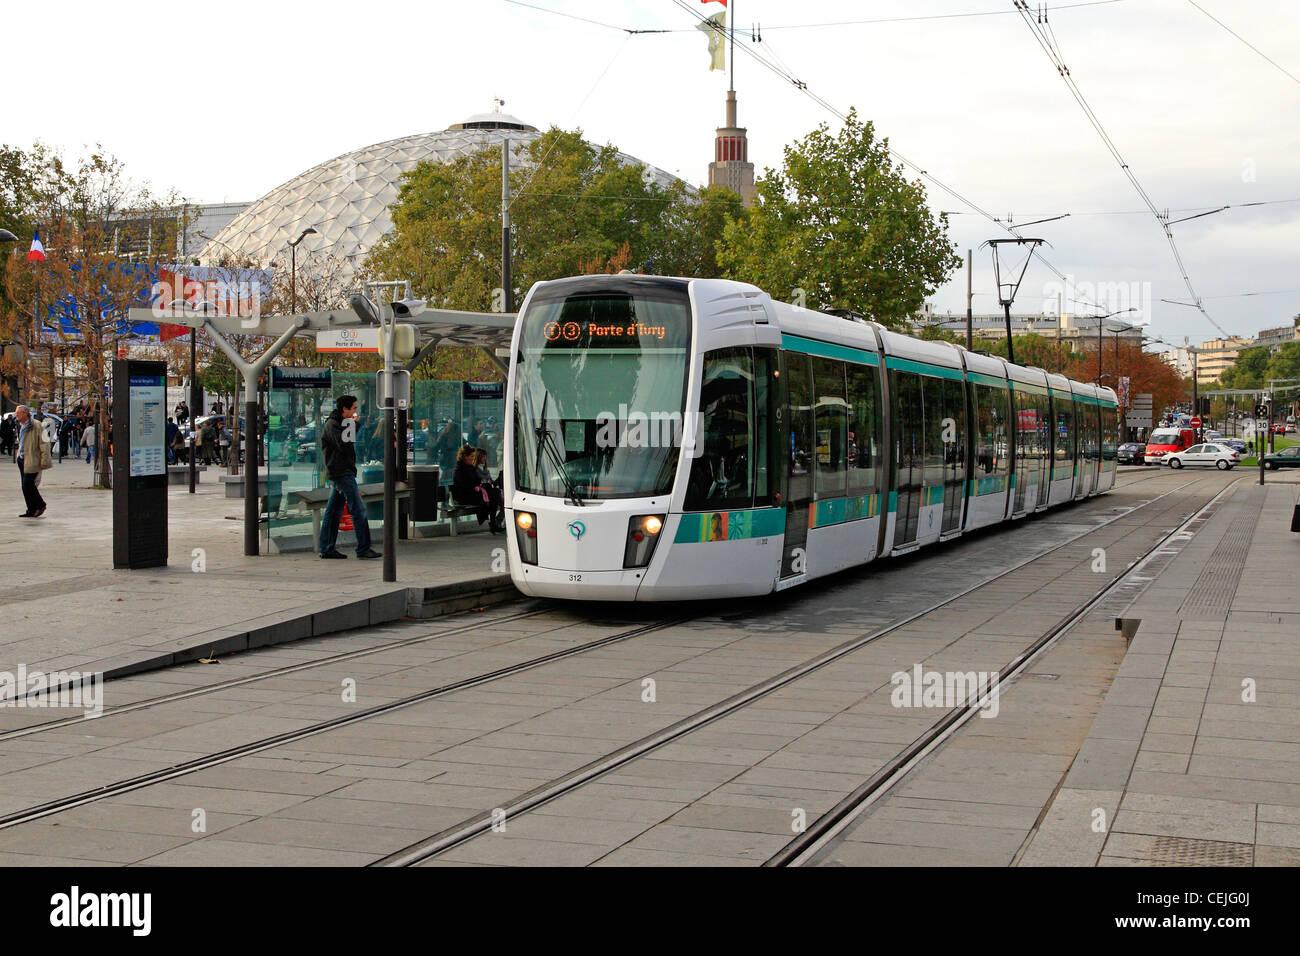 Tramway ligne 3 paris porte de versailles banque d 39 images photo stock 43433618 alamy - Adresse porte de versailles ...